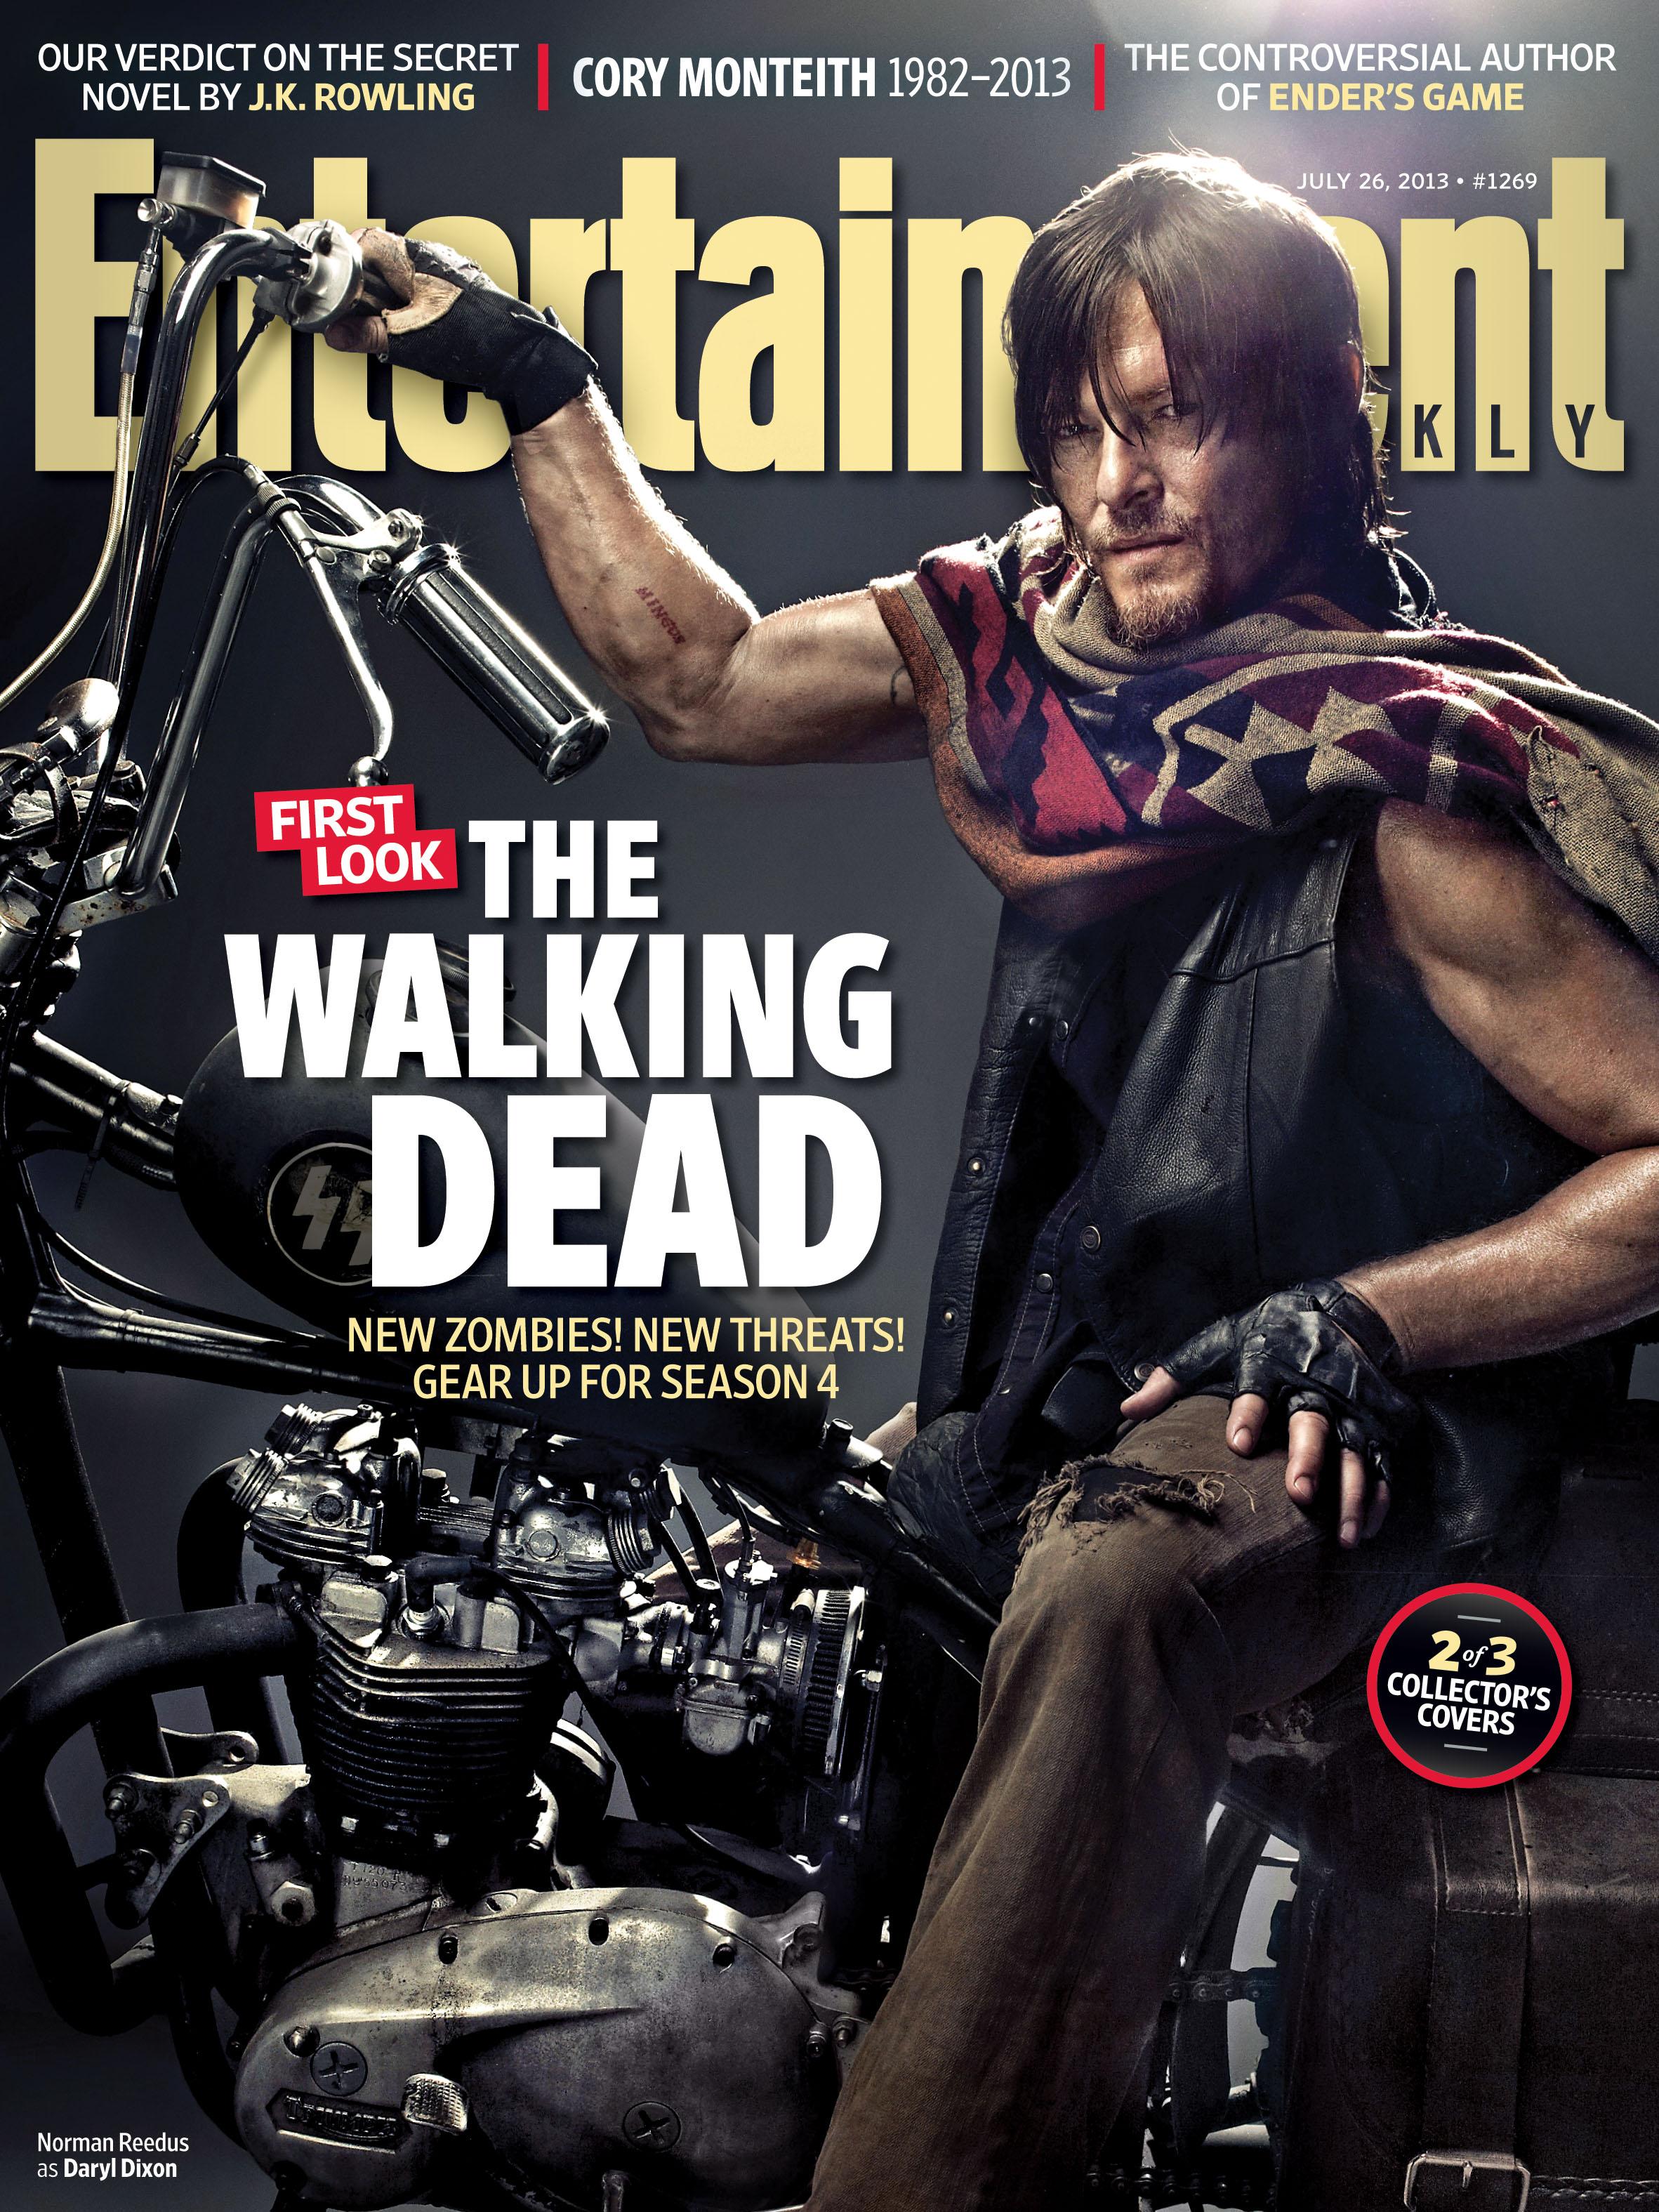 Norman Reedus for Walking Dead